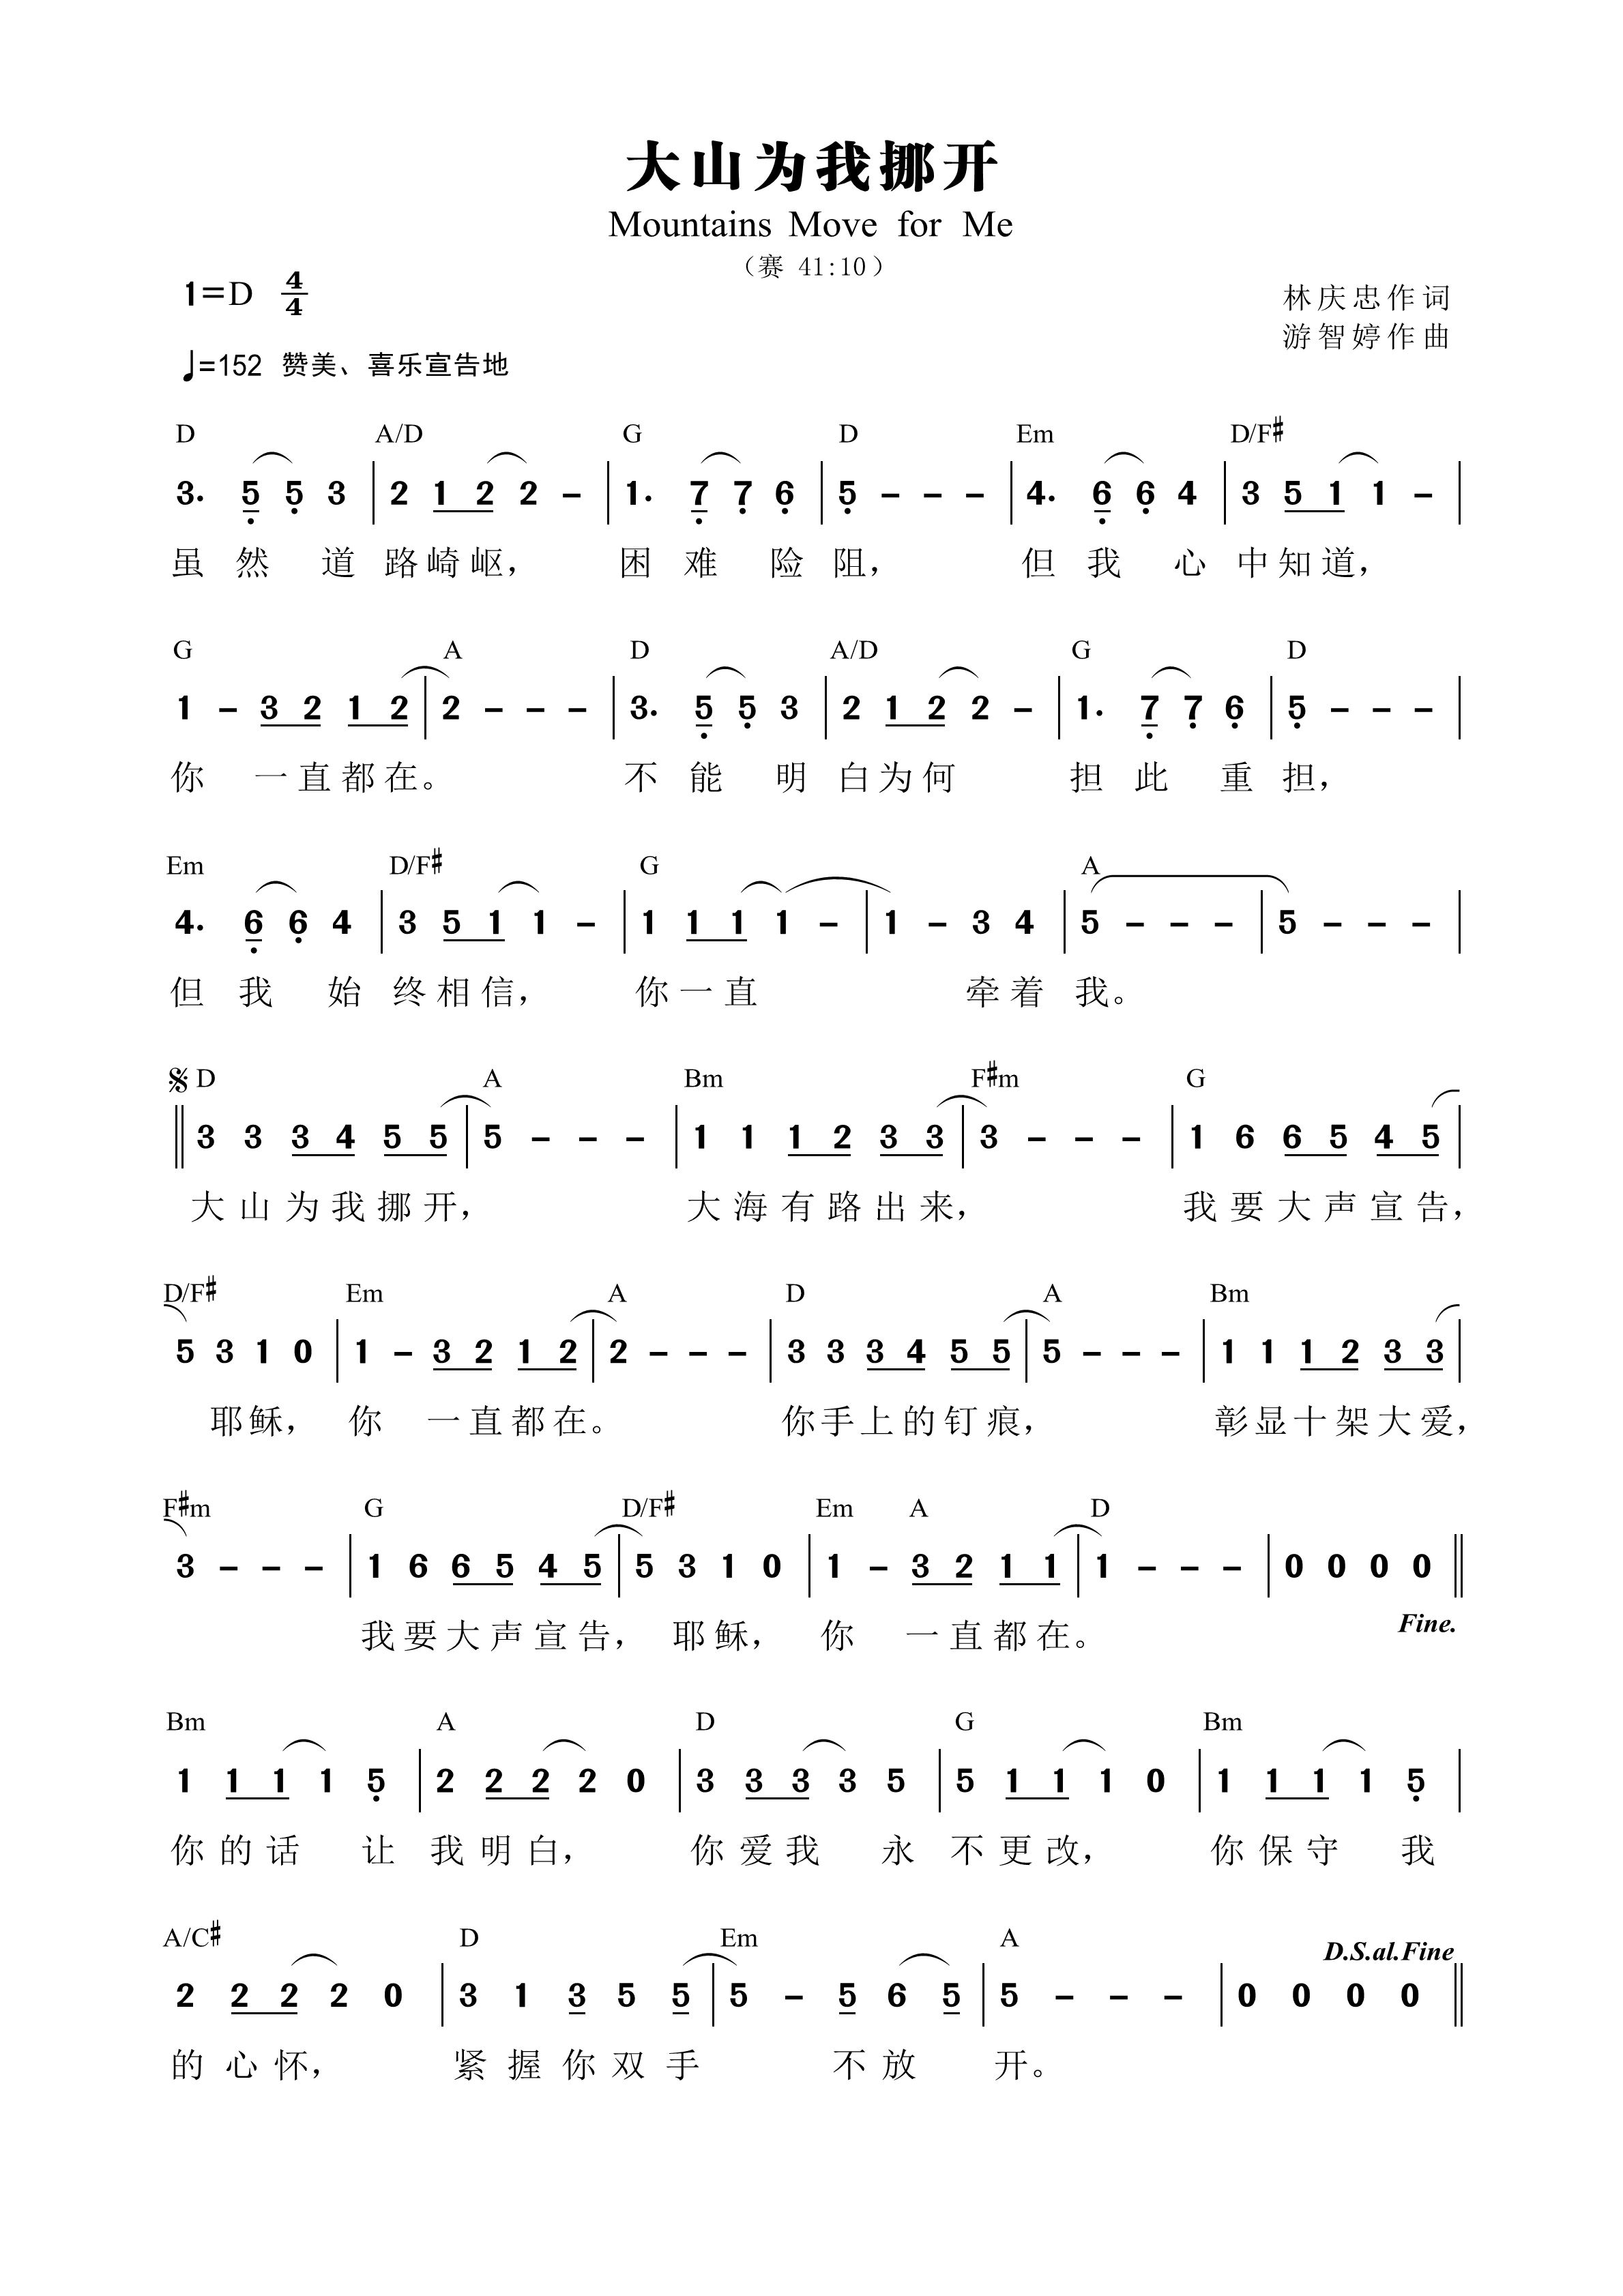 《大山为我挪开 和弦简谱》